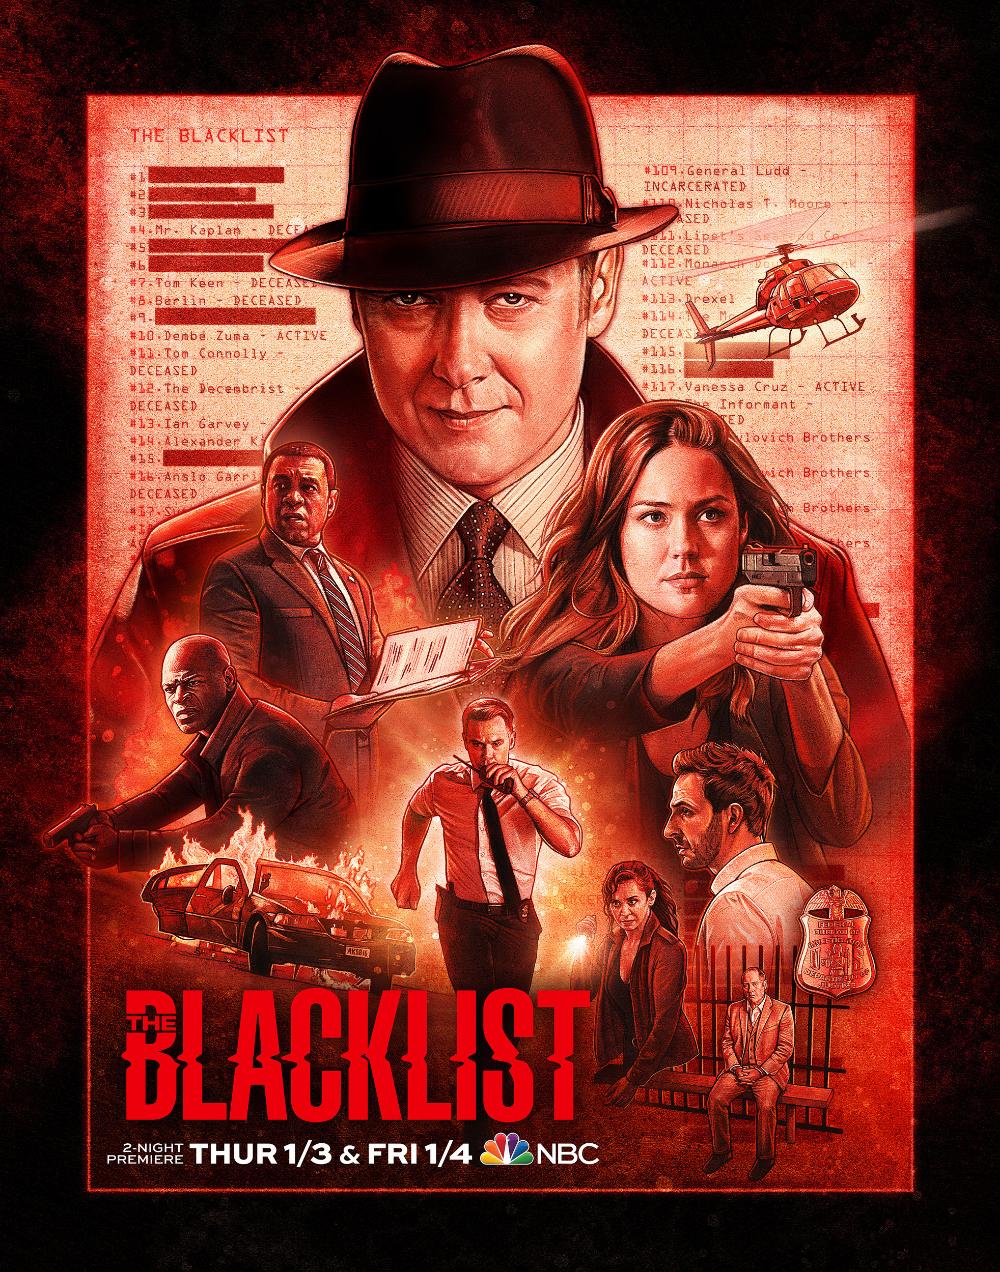 The Blacklist The Blacklist Keys Art Montage Movie